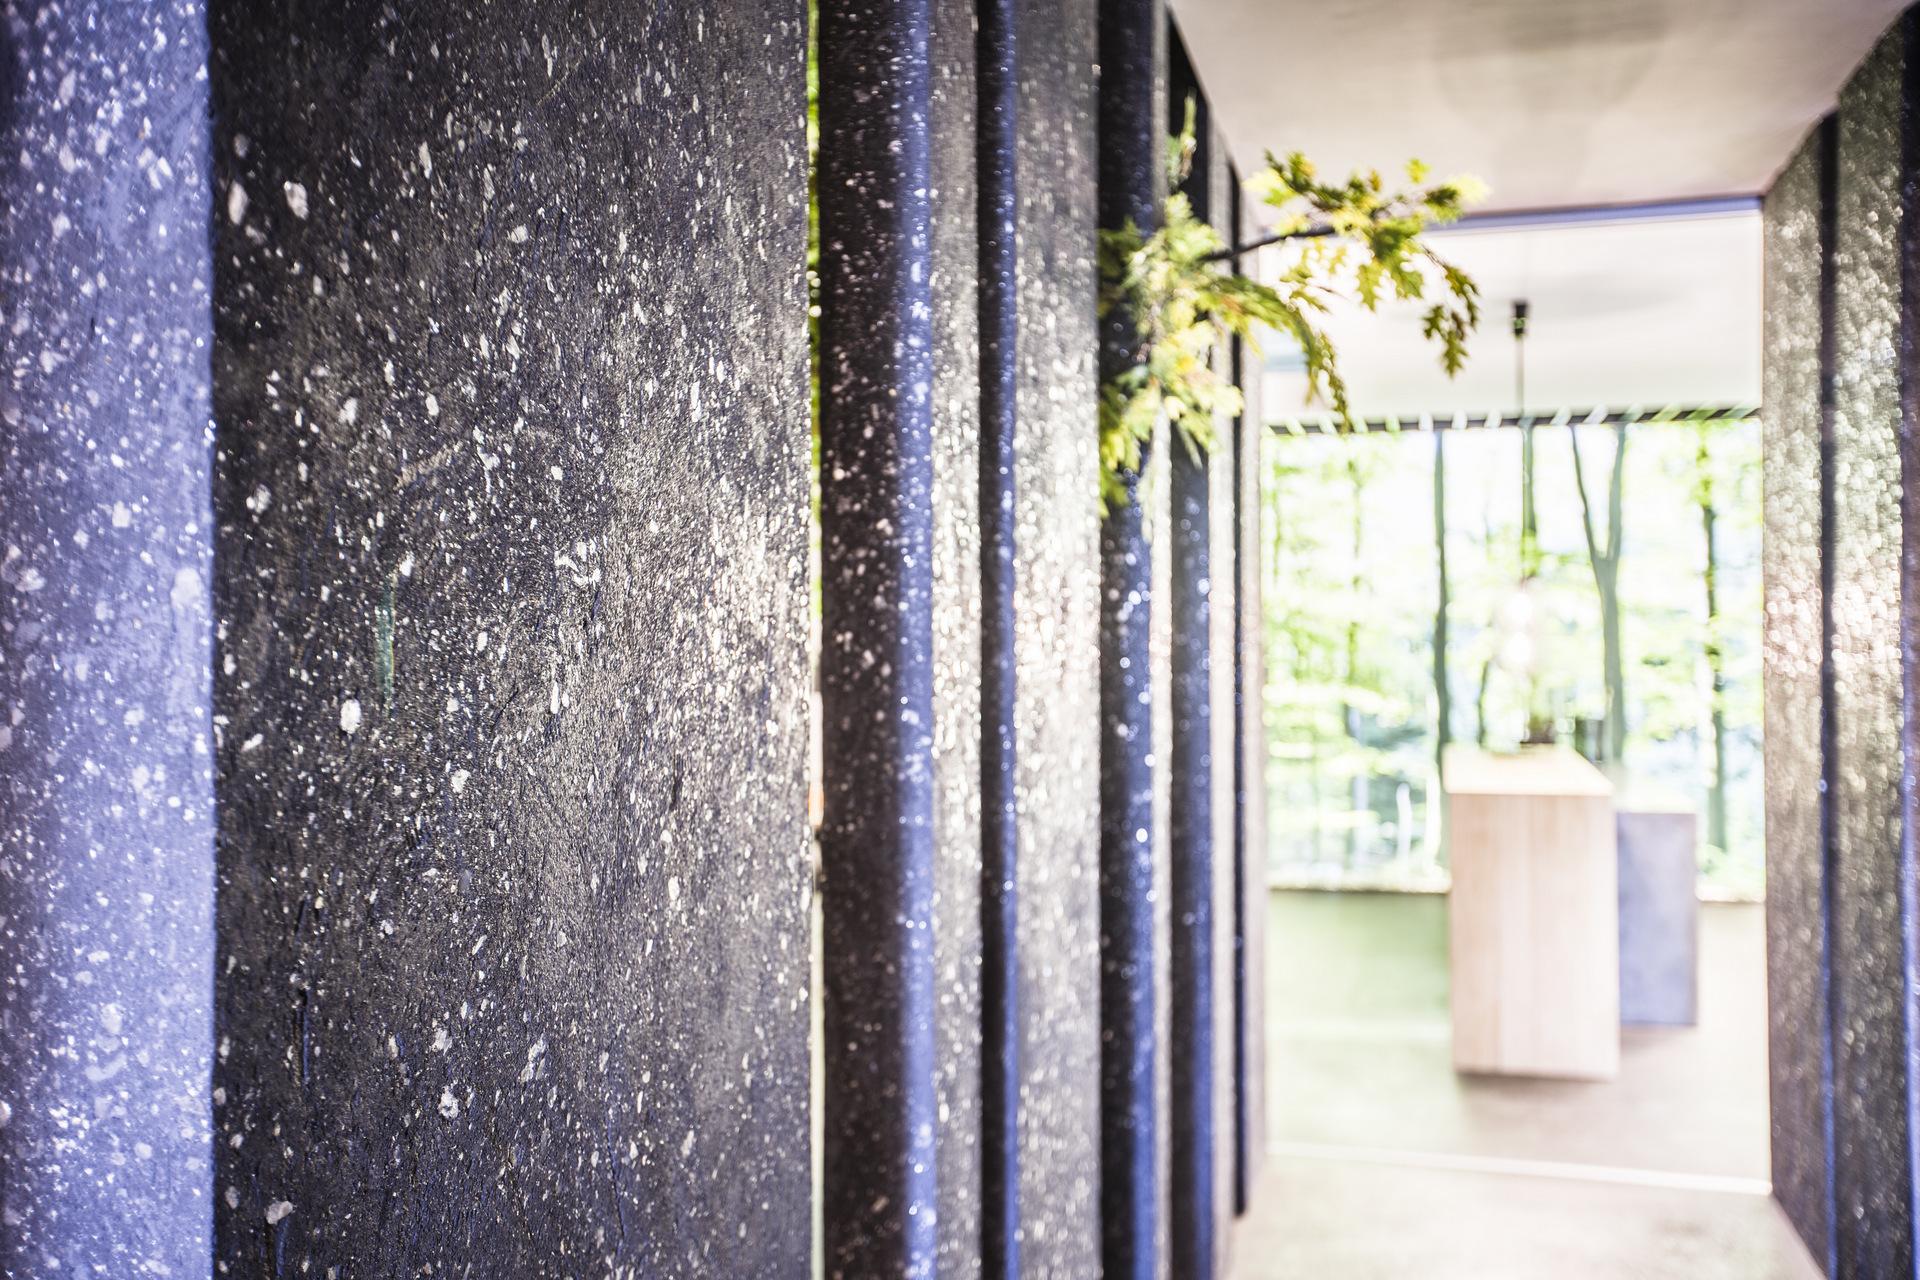 wohnideen und lifestyle 2016, oberflächen – betonoptik – gestaltung – wohnideen – trends, Design ideen